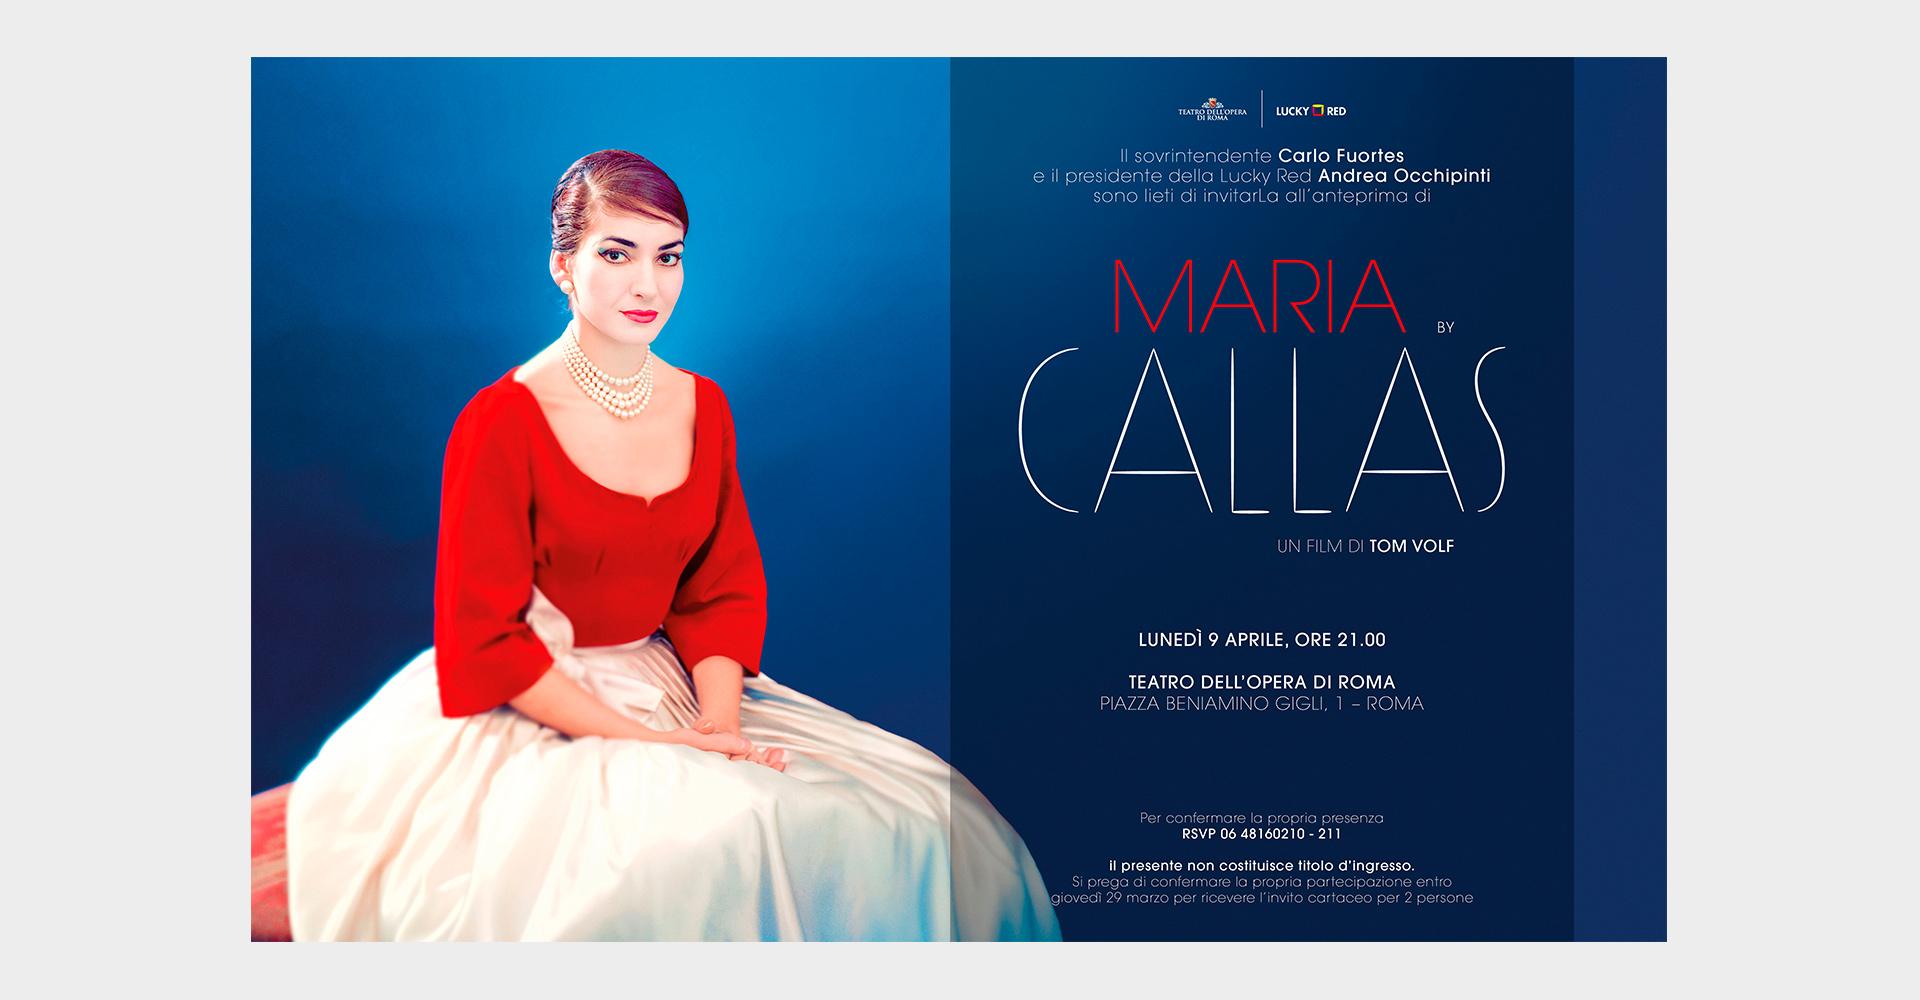 Callas_Behance_06